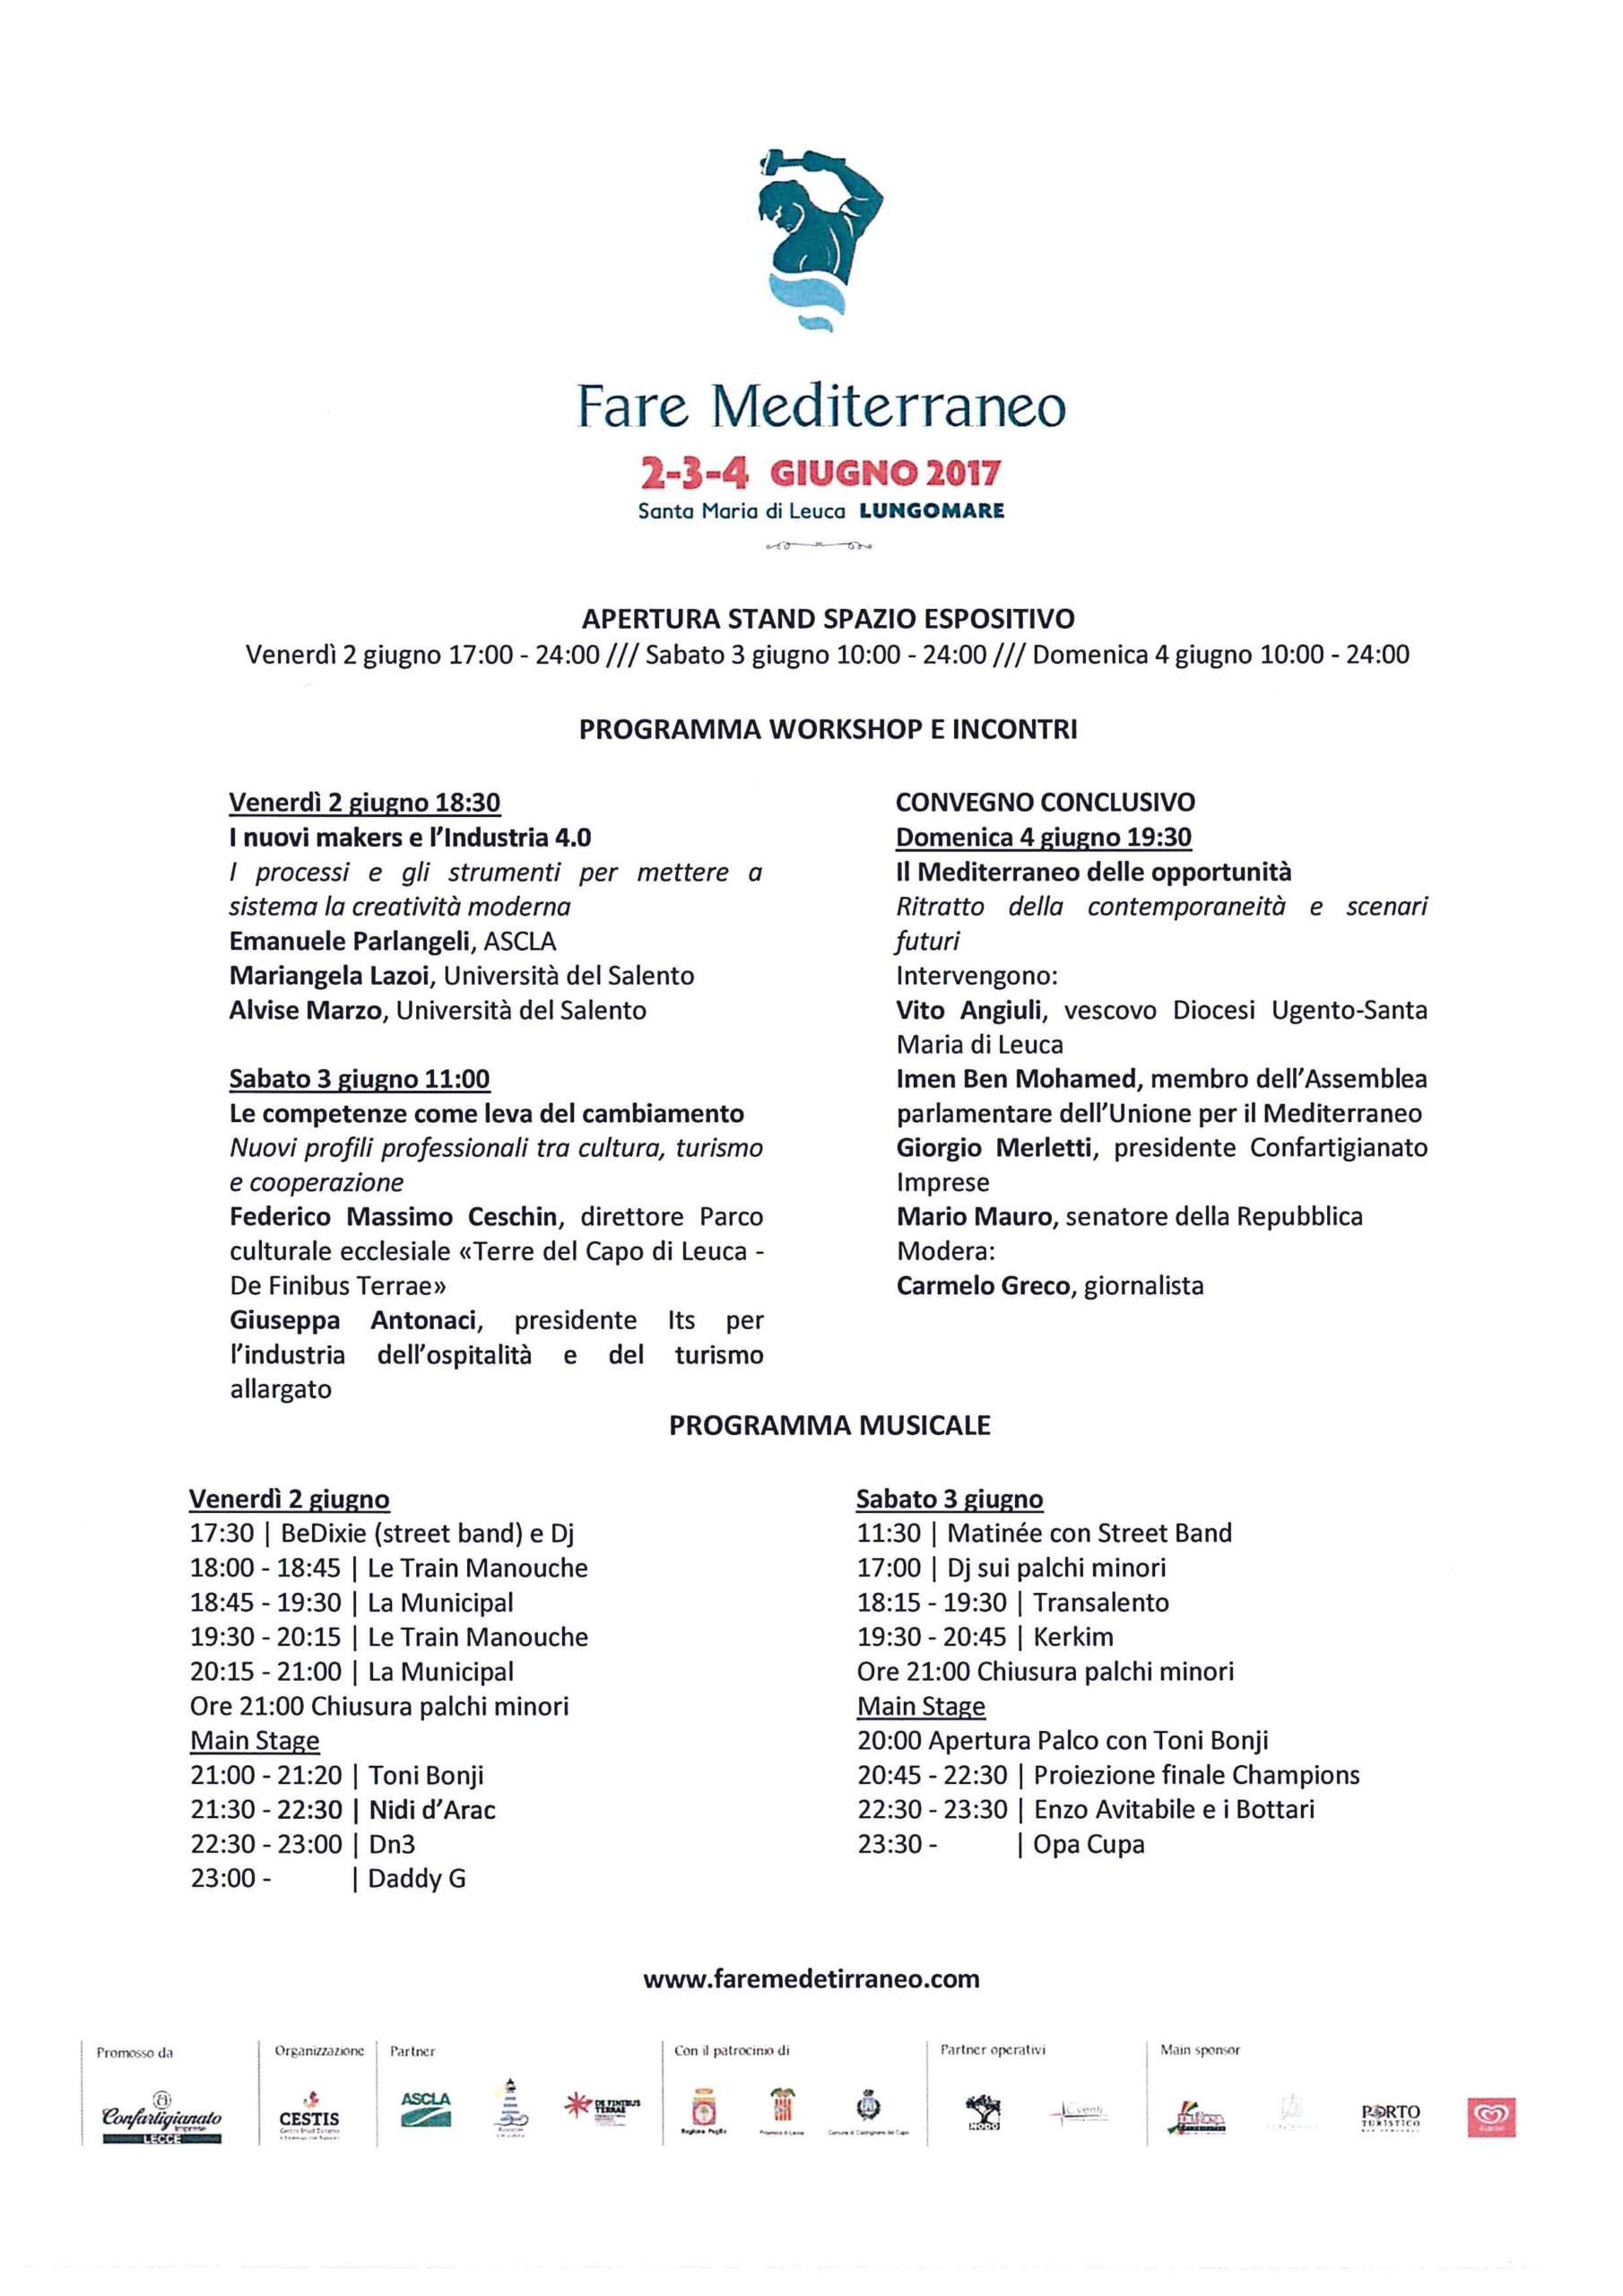 Invito Fare Mediterraneo – Santa Maria di Leuca Lungomare 2-3-4 giugno 2017